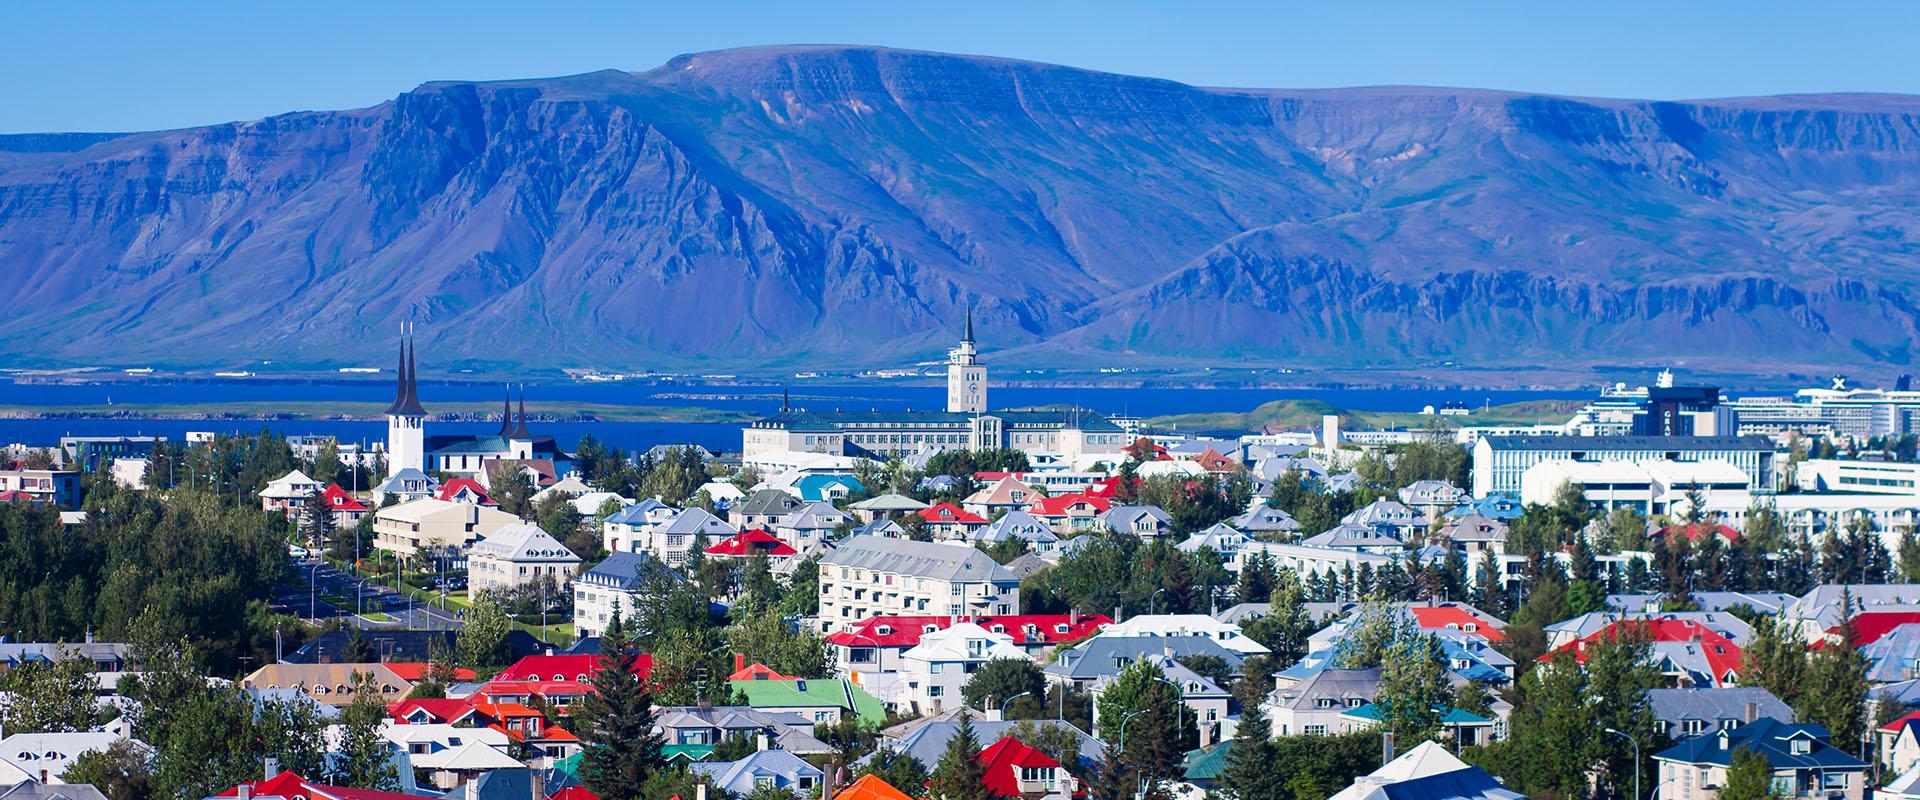 Reykjavík - veduta panoramica sulla città e golfo, sullo sfondo la catena vulcanica Esja